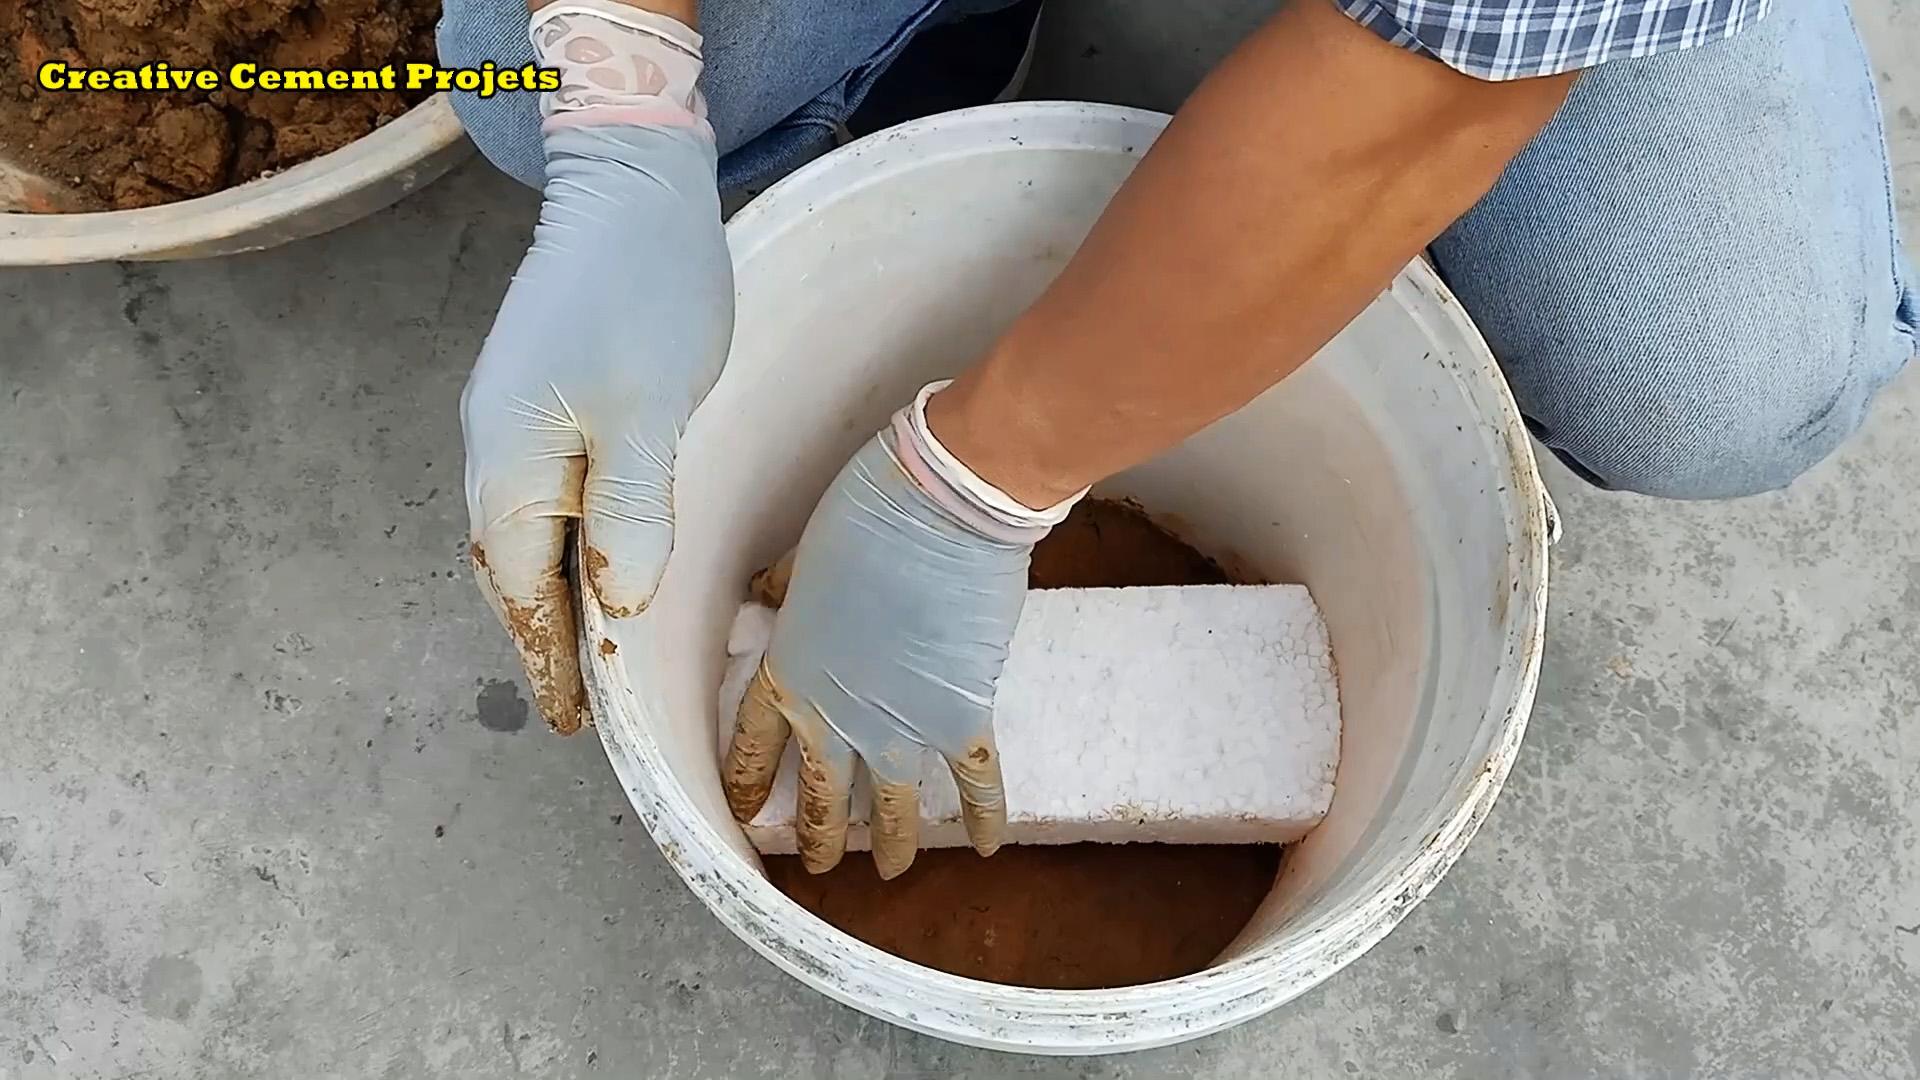 Как из глины и цемента сделать компактную печку для готовки